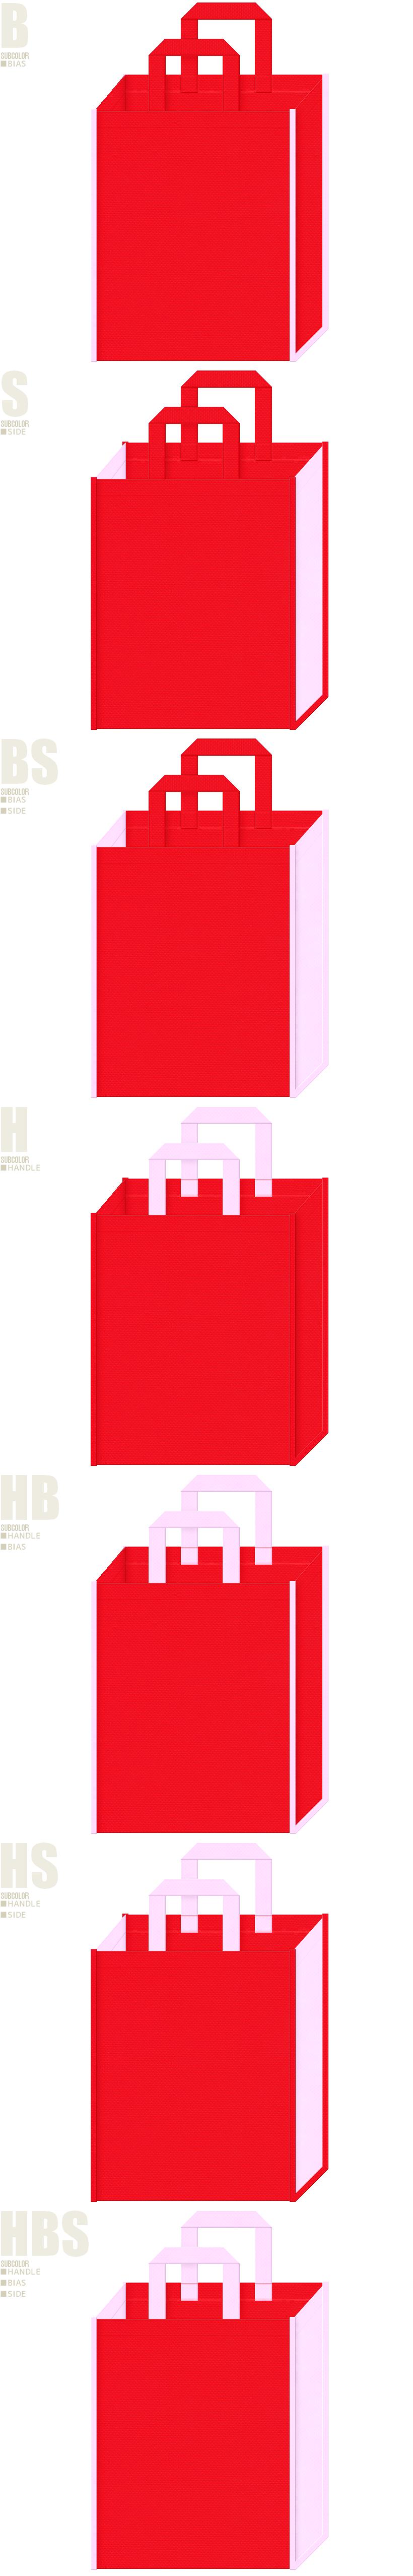 赤色と明るめのピンク色、7パターンの不織布トートバッグ配色デザイン例。バレンタイン・ひな祭り・母の日ギフトのショッピングバッグにお奨めです。